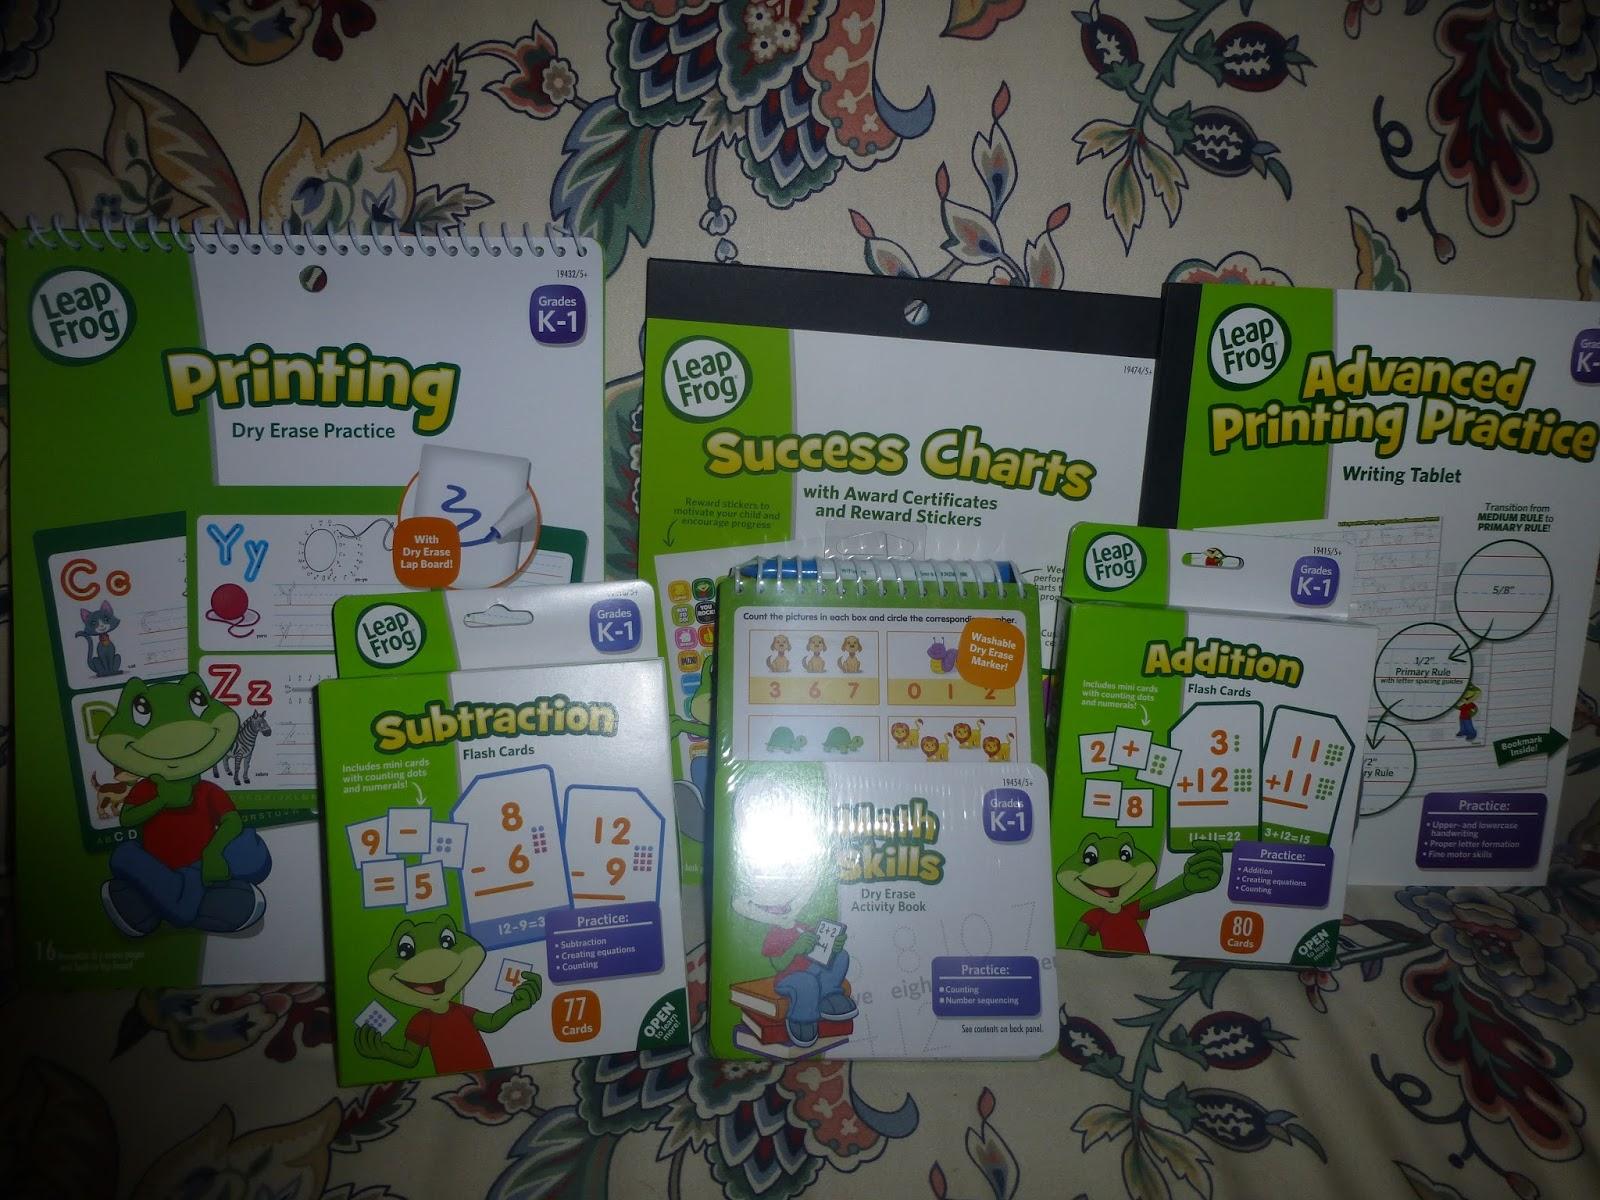 Leapfrog S Complete Kindergarten Learning Kit